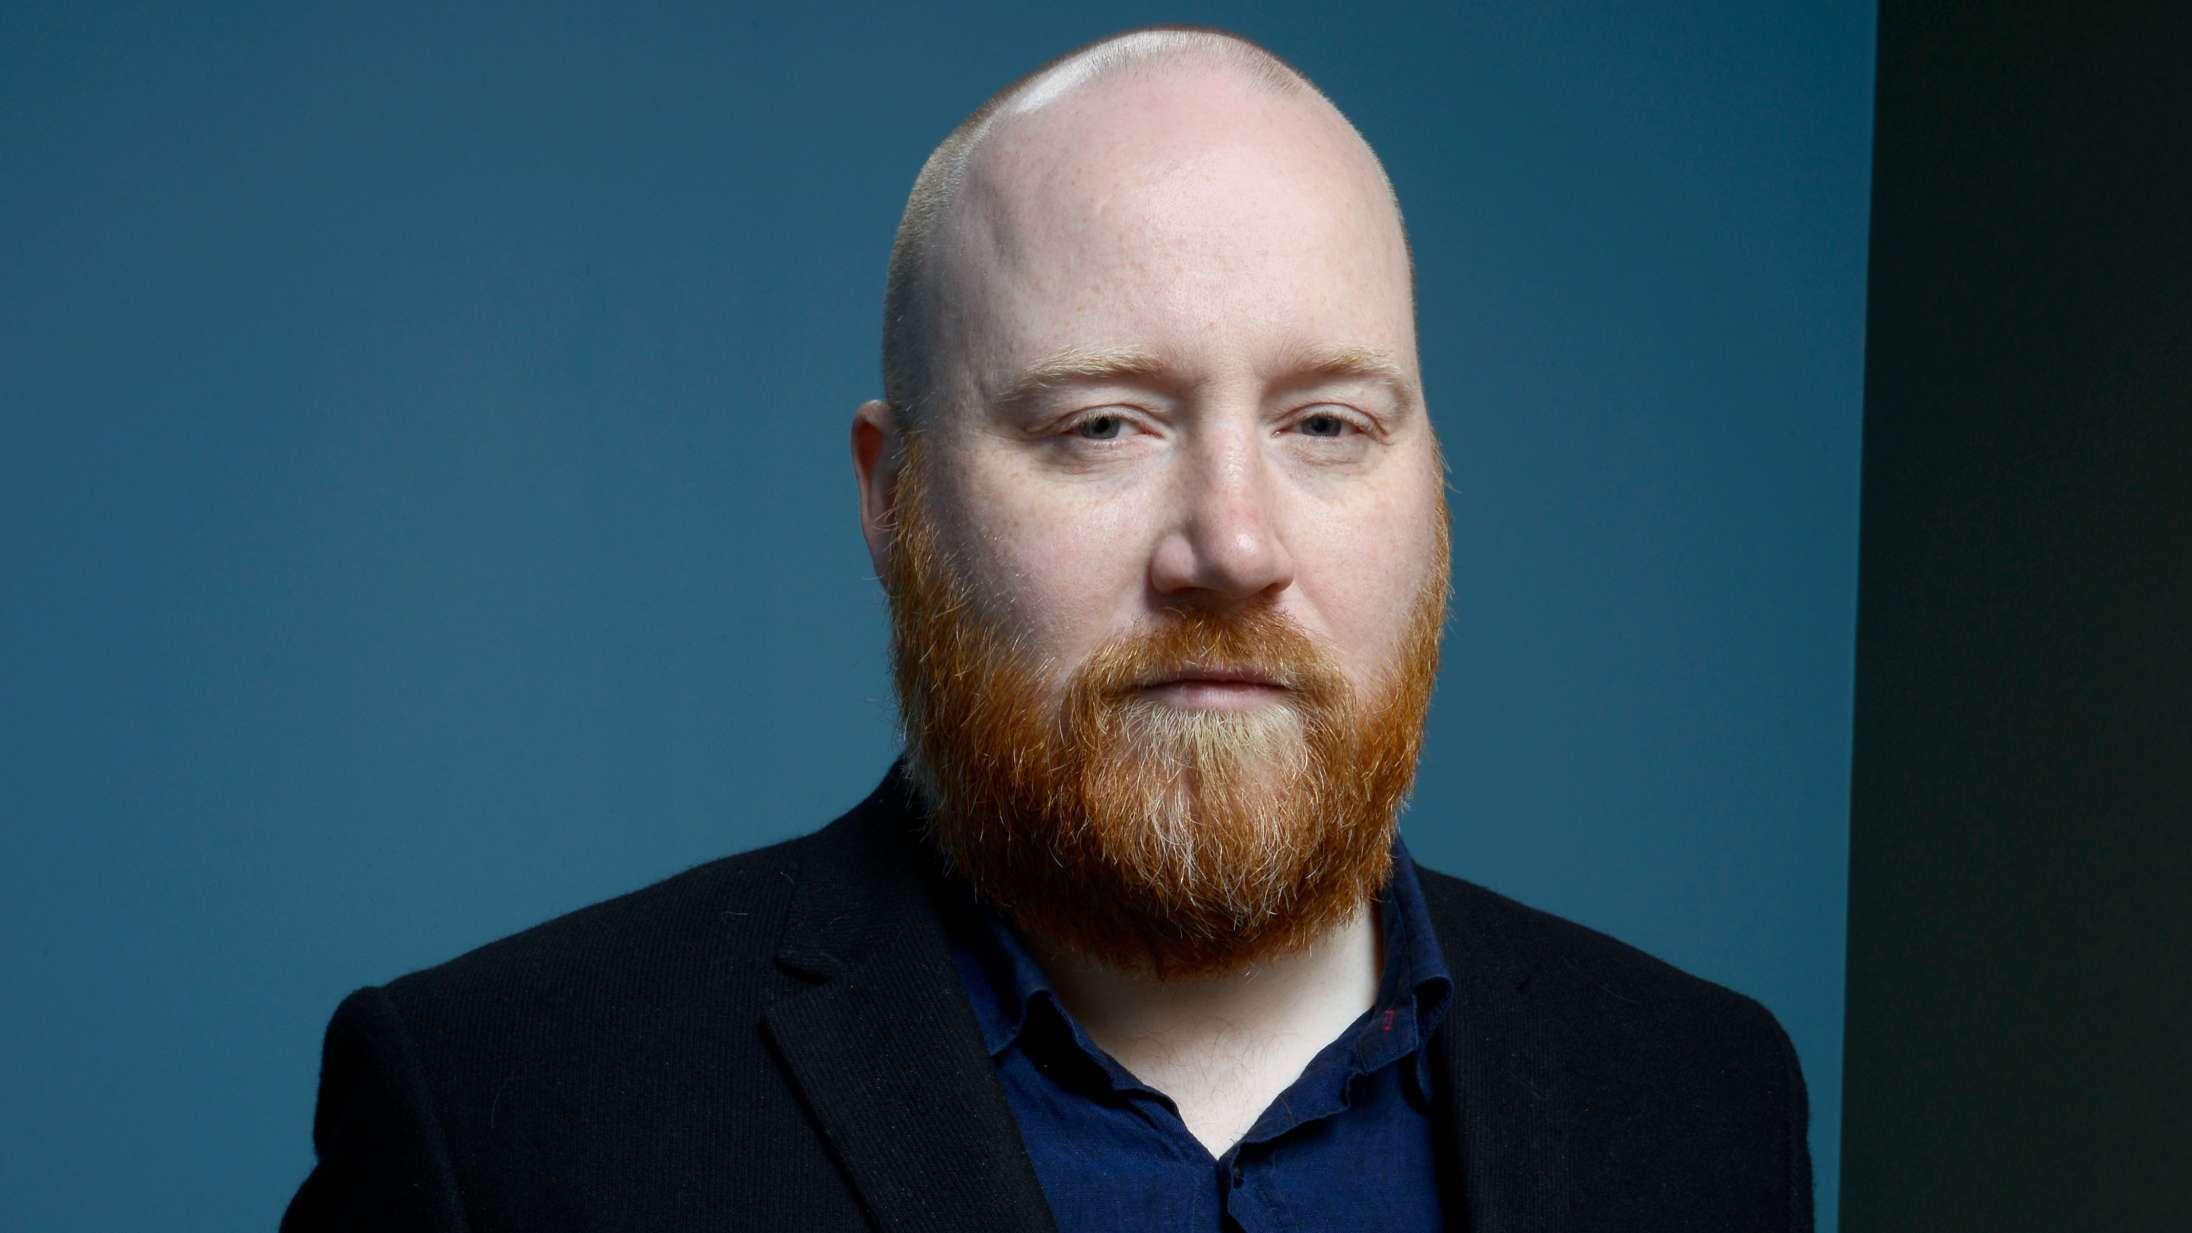 Fotograf om at færdiggøre afdøde Jóhann Jóhannsons sci-fi-film: »Det føltes som en umulig opgave«